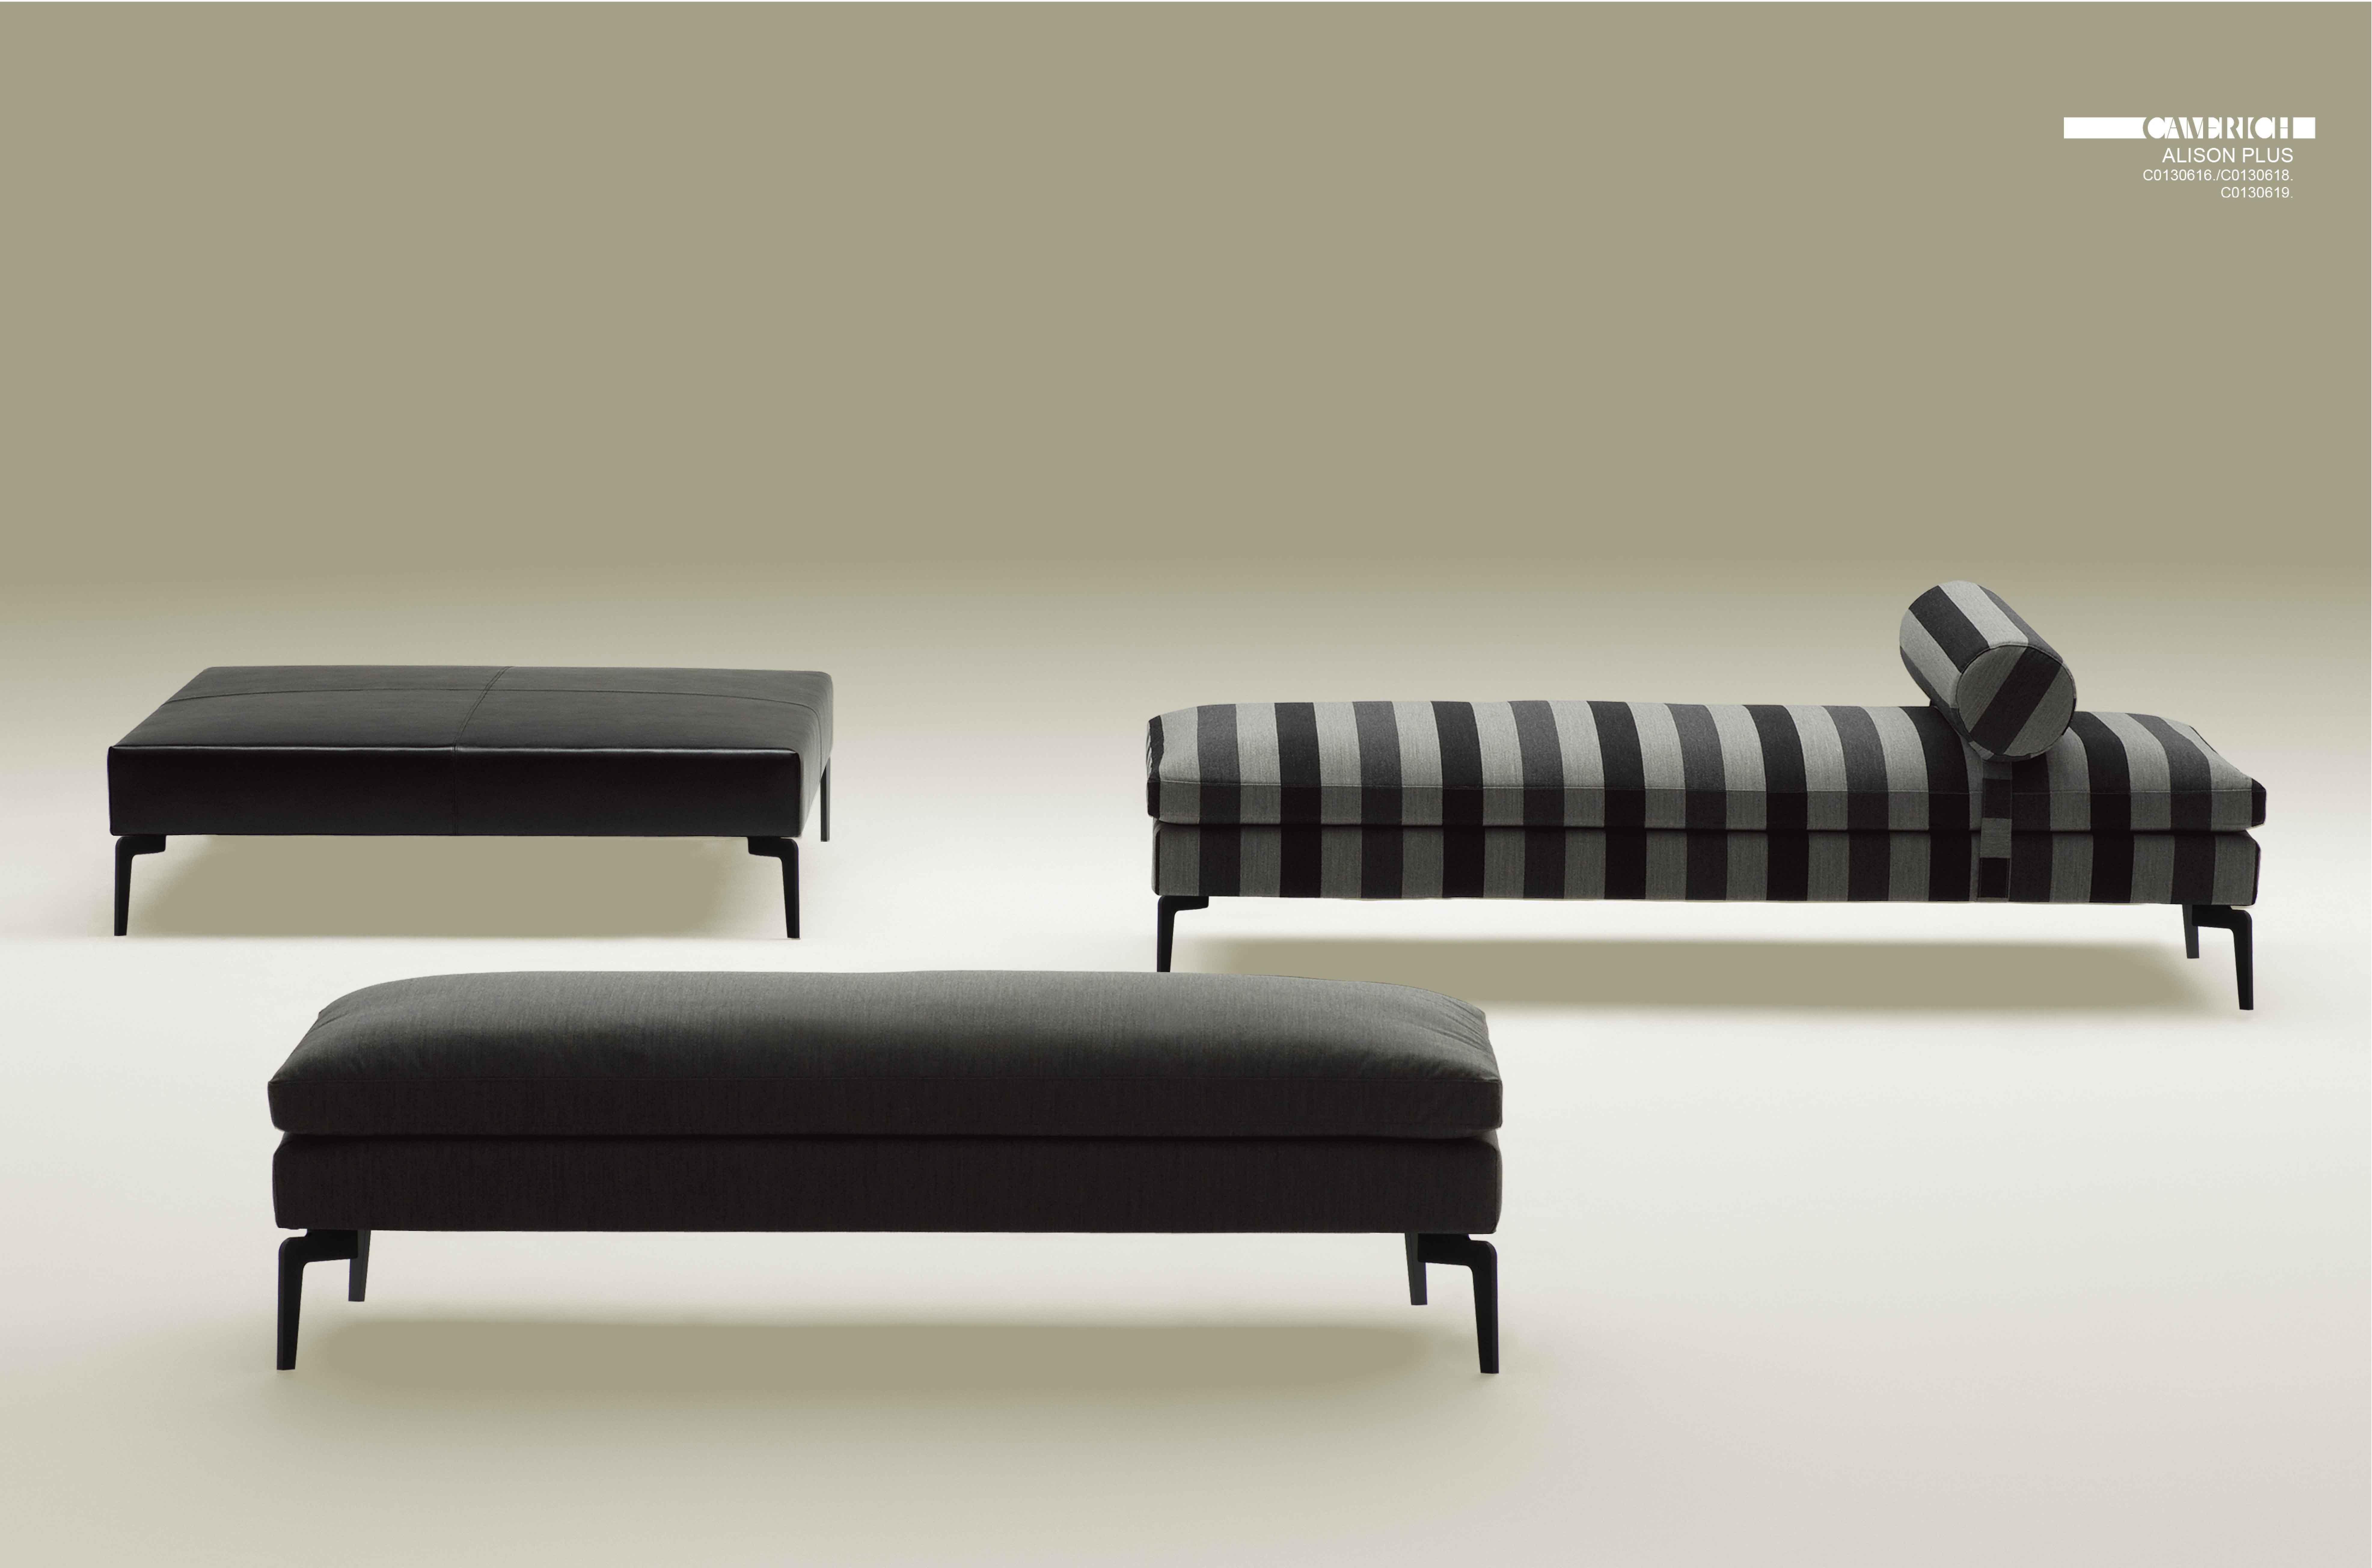 Lazytime plus sofa camerich - Alison Plus 6